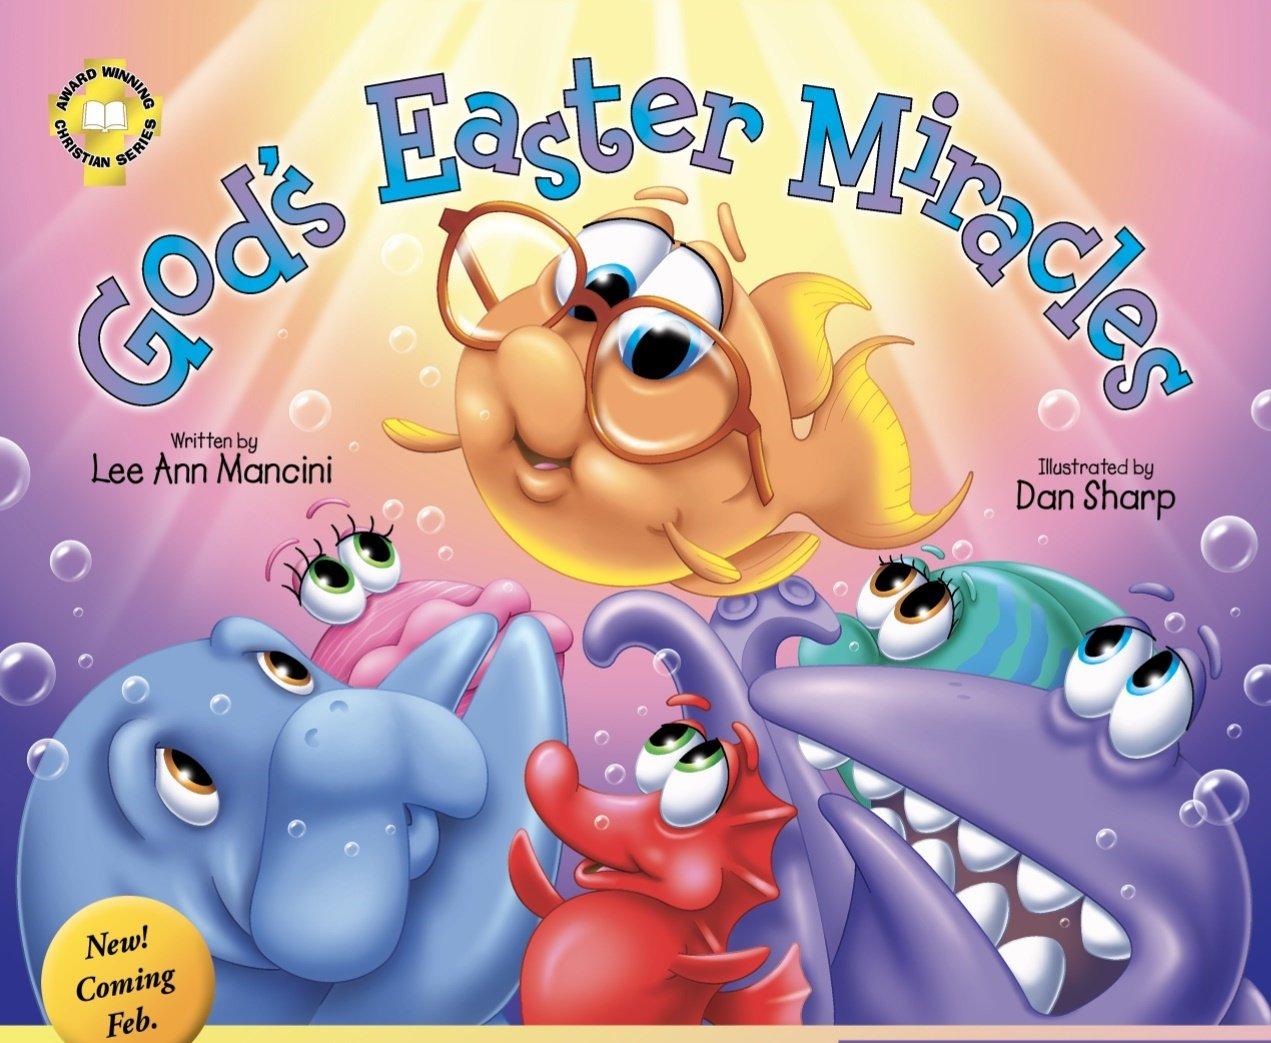 Lee Ann Macini's latest children's Christian book, God's Easter Miracles.